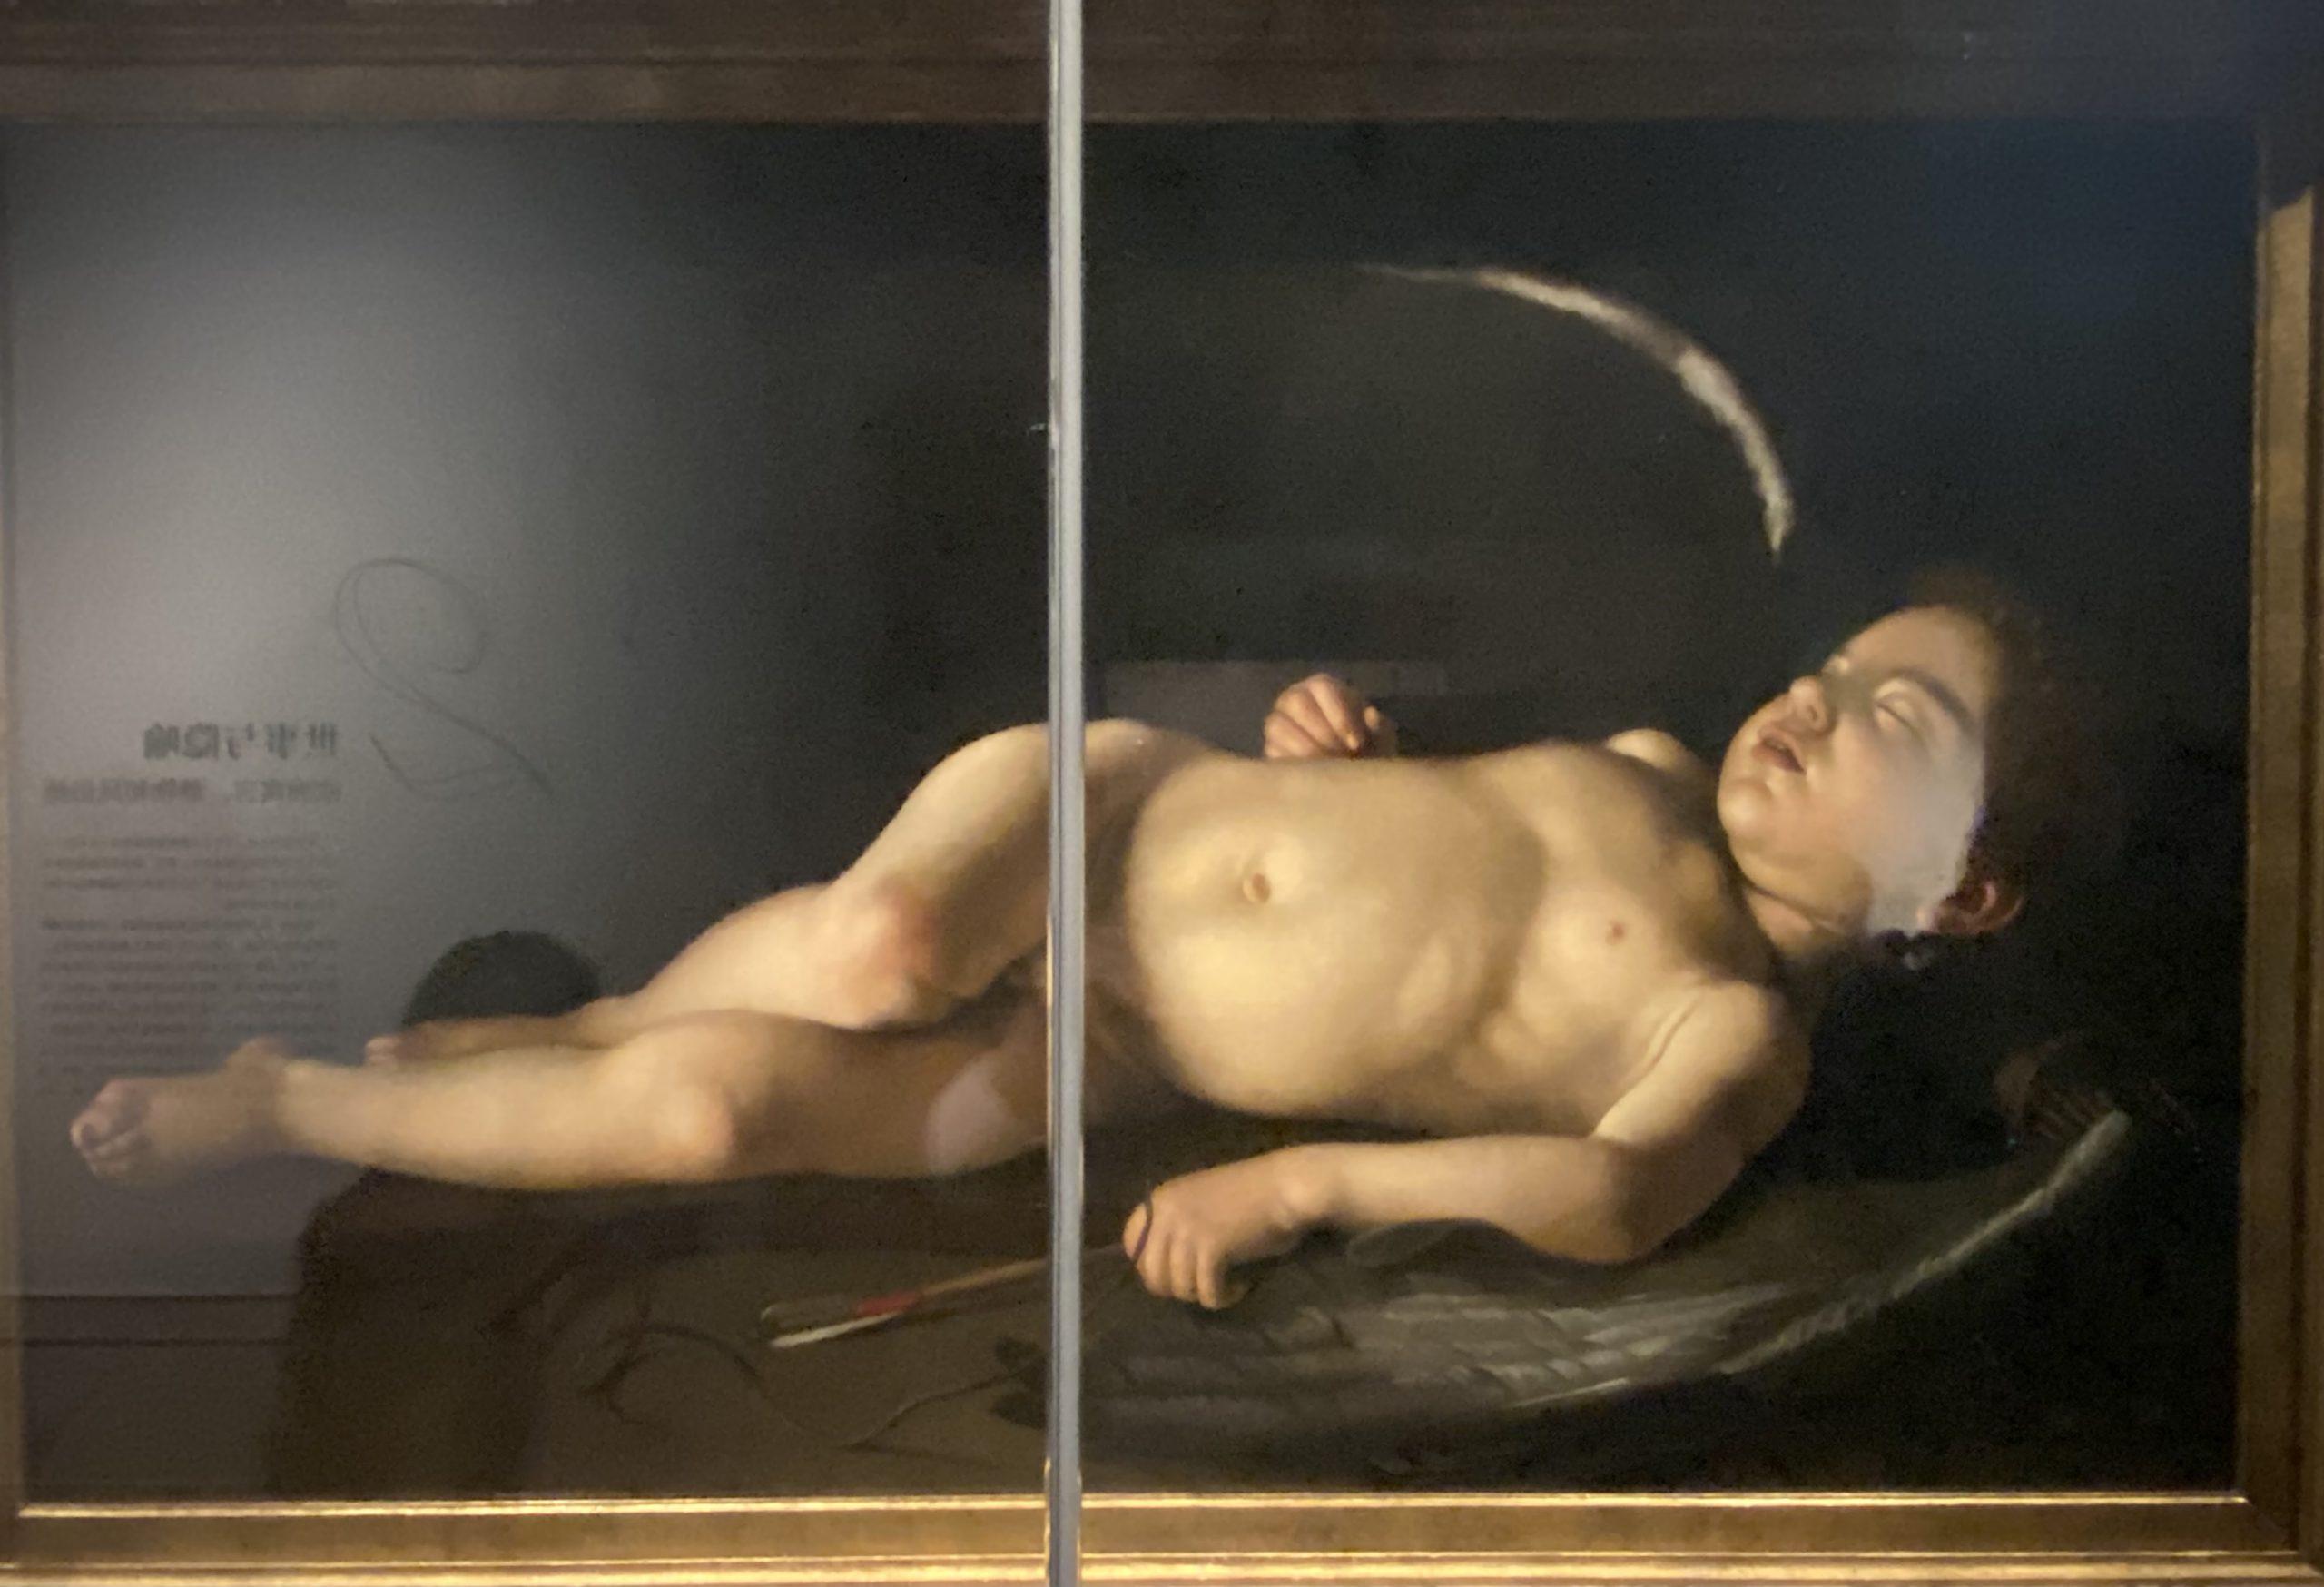 眠っているキューピッド-ミケランジェロメレシの信者-イタリア-特別展【光影浮空-欧州絵画500年】-成都博物館